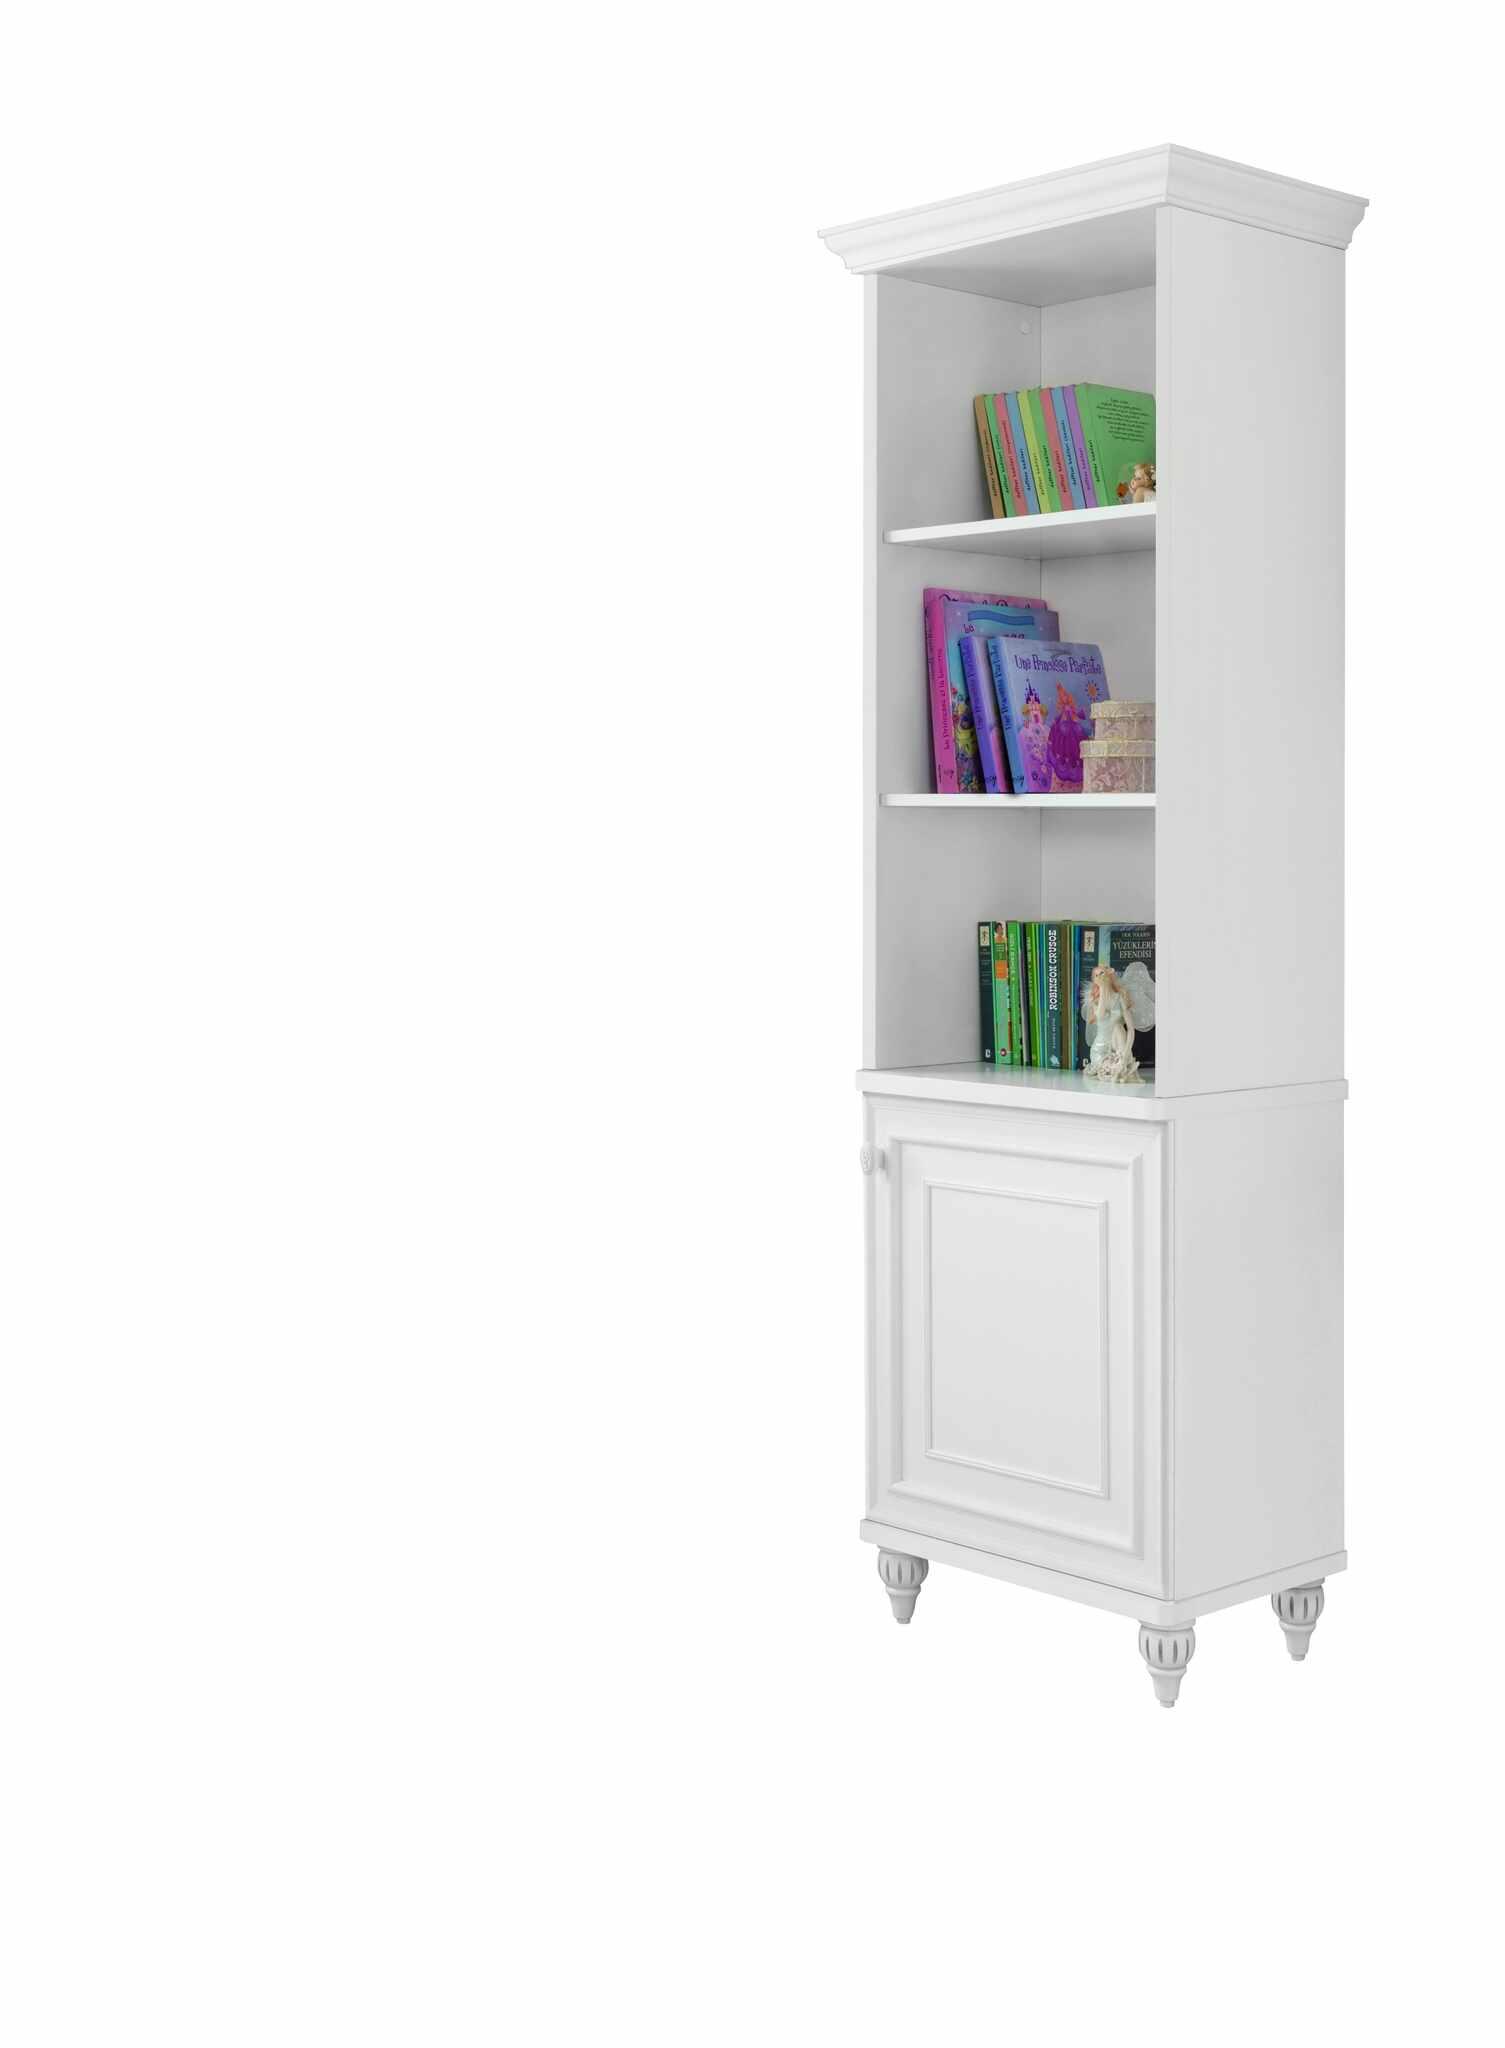 Biblioteca din pal cu 1 usa, pentru copii si tineret Romantica White, l52xA42xH185 cm la pret 1091 lei